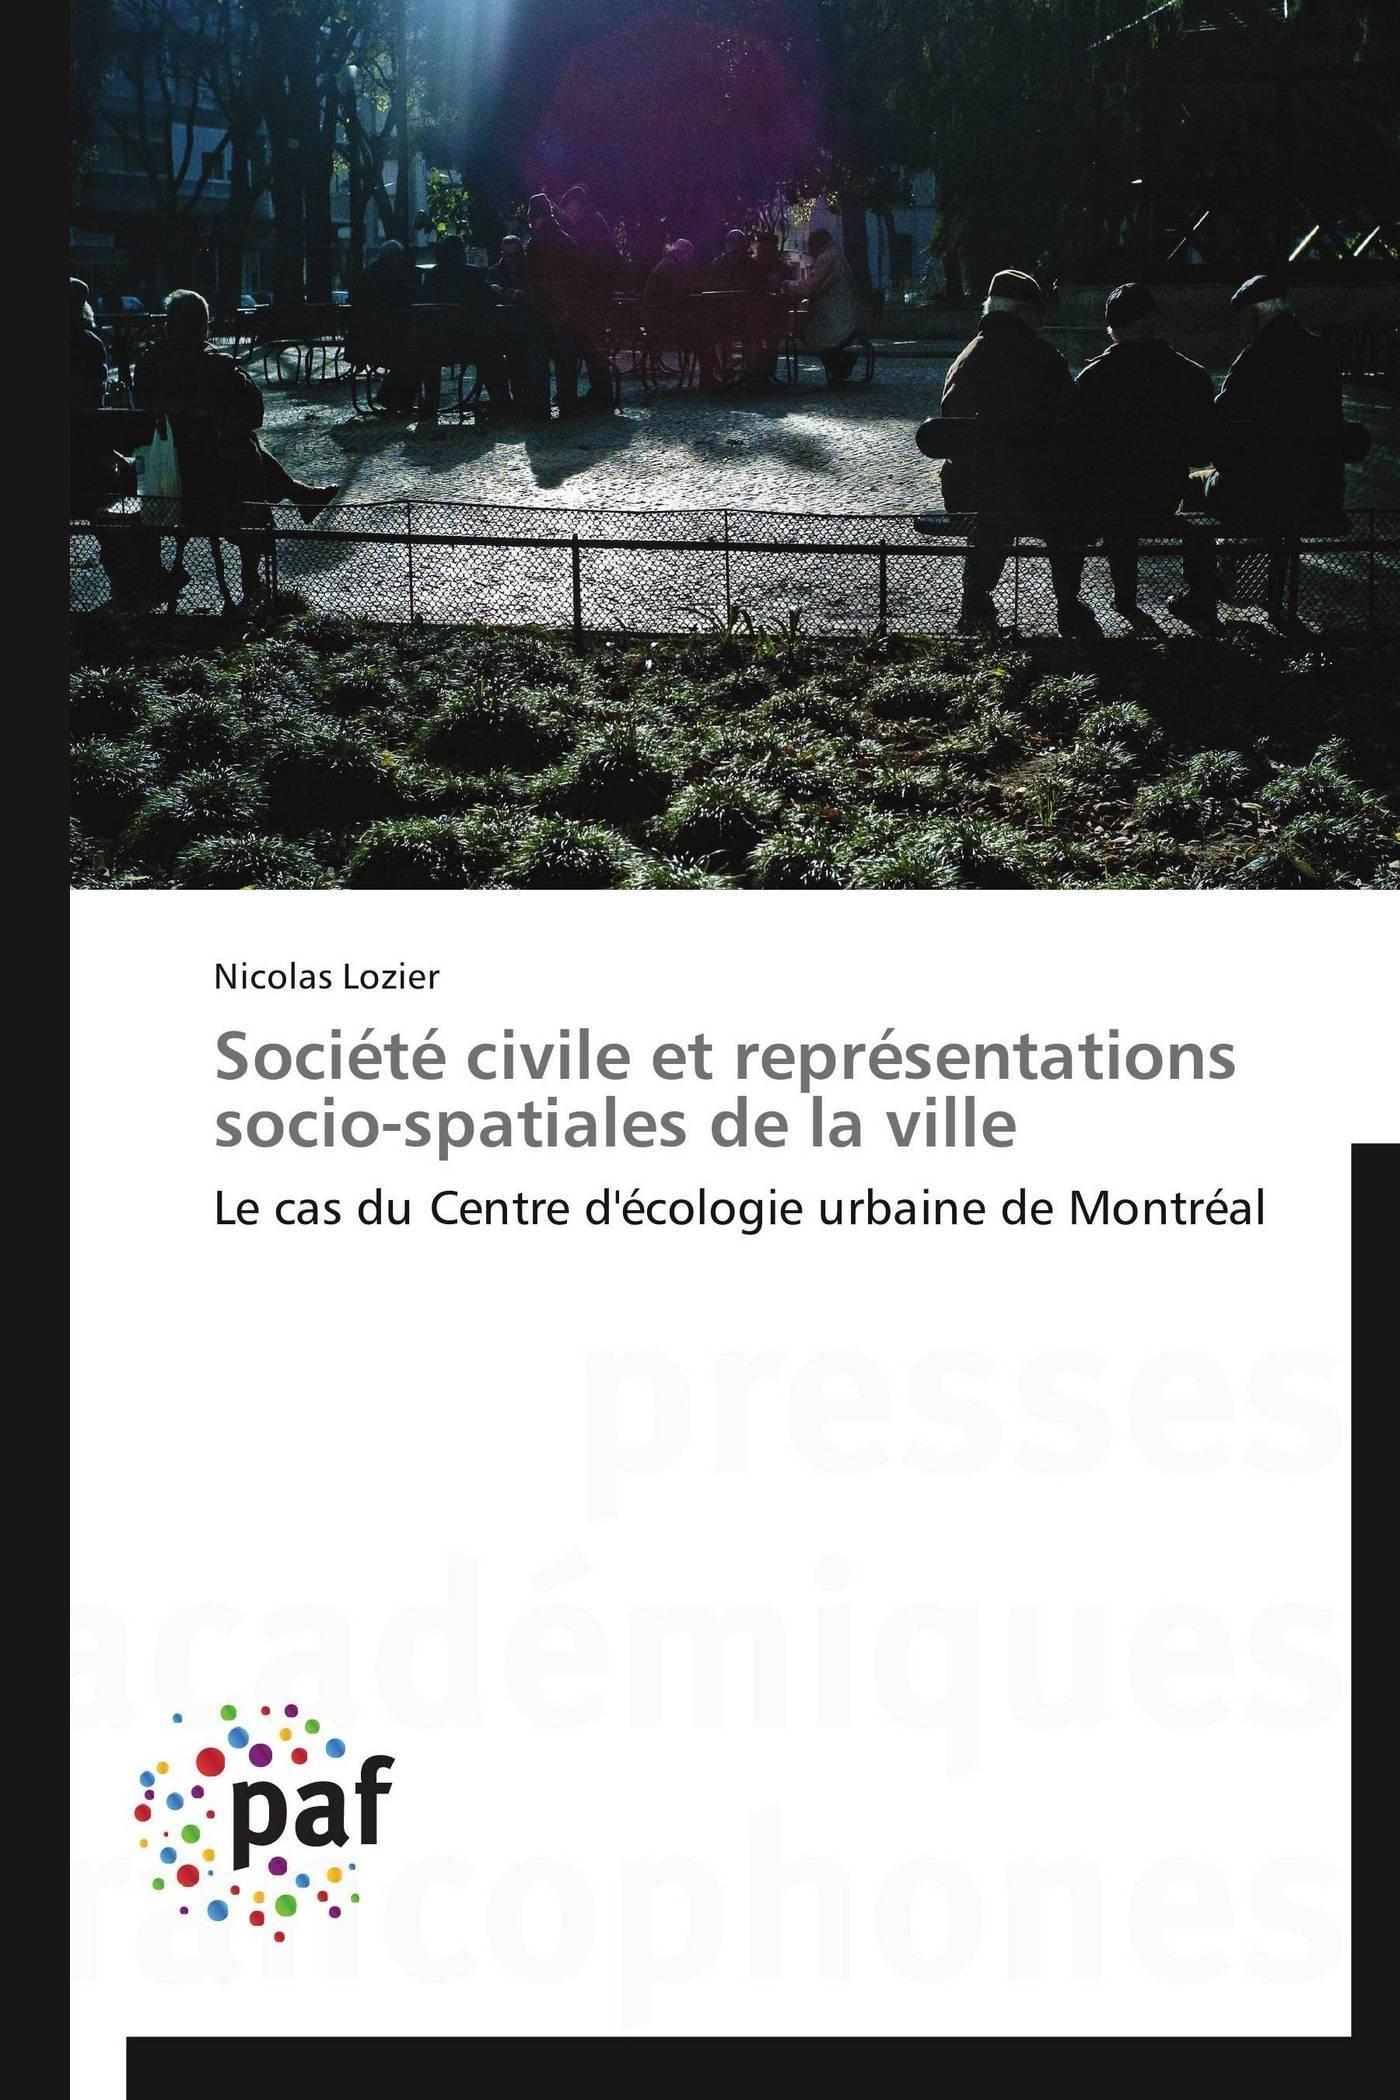 SOCIETE CIVILE ET REPRESENTATIONS SOCIO-SPATIALES DE LA VILLE